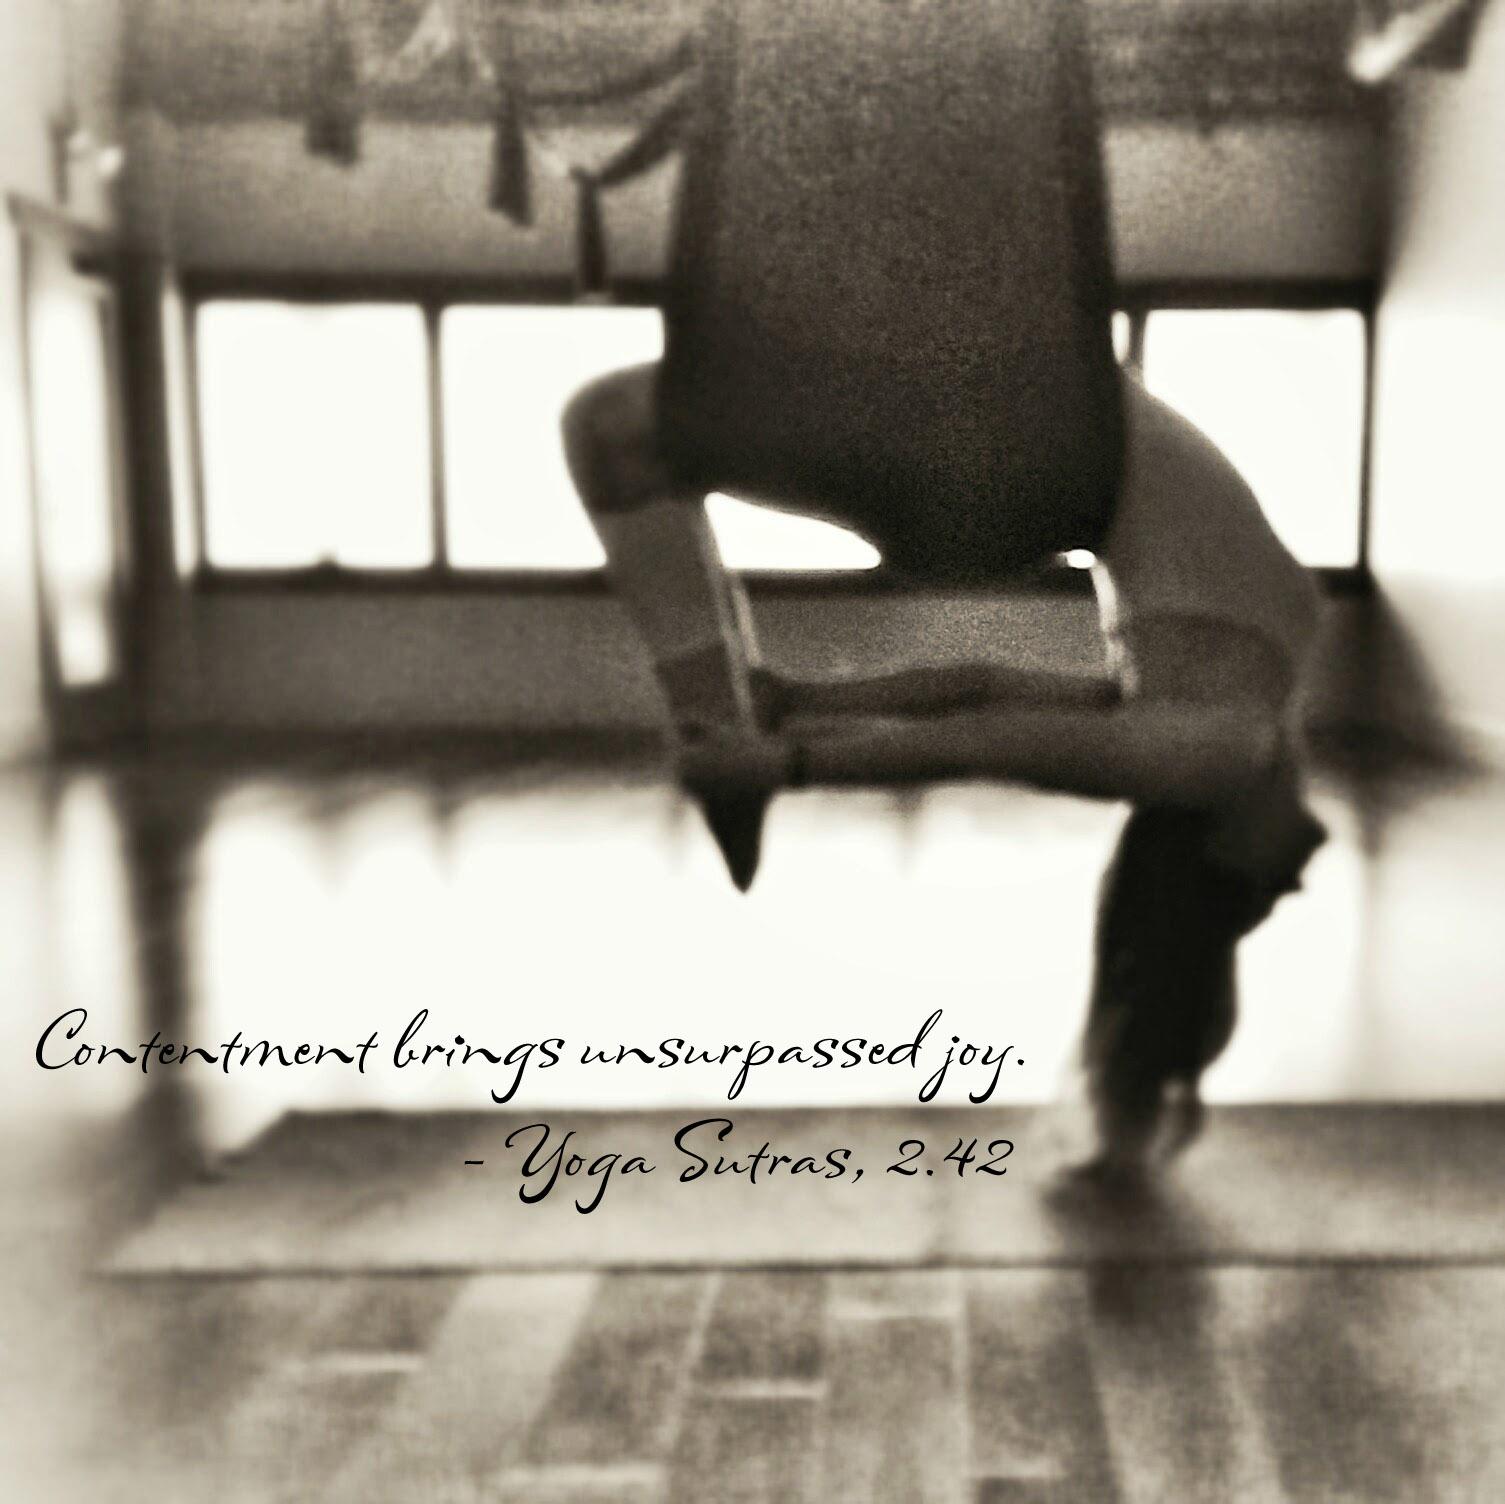 Contentment brings unsurpassed joy. - Yoga Sutras, 2.42